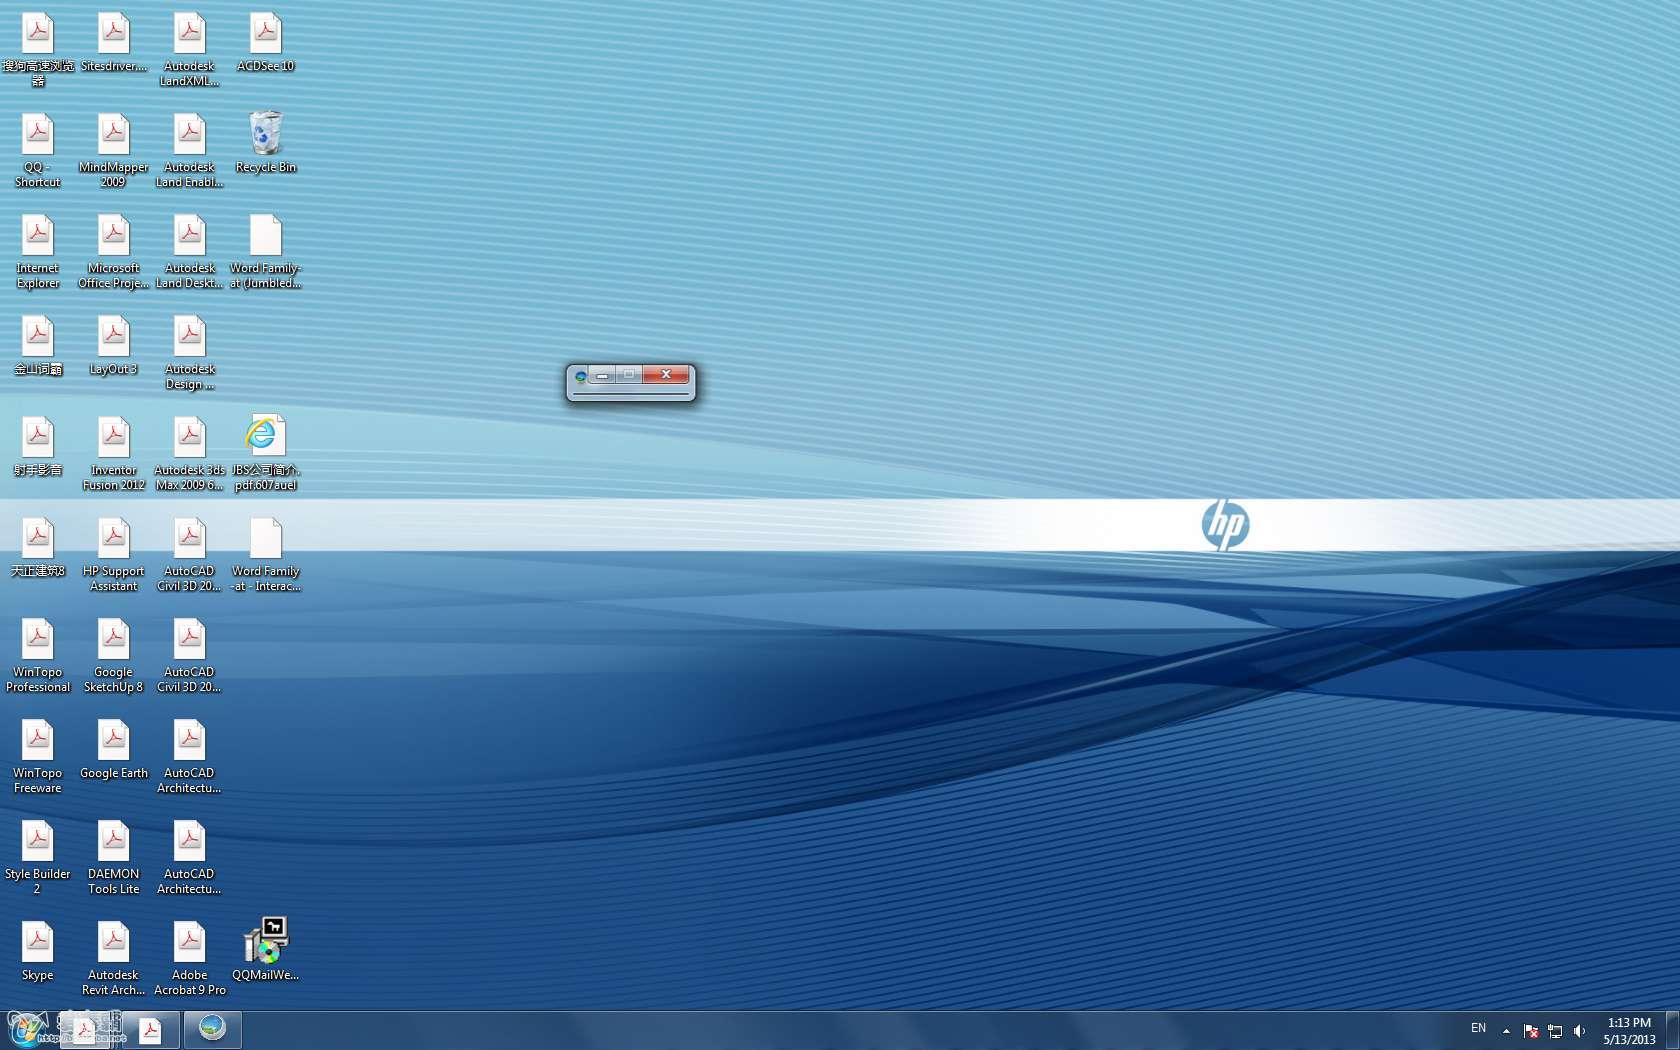 电脑的桌面图标变成Adobe软件打开的图标